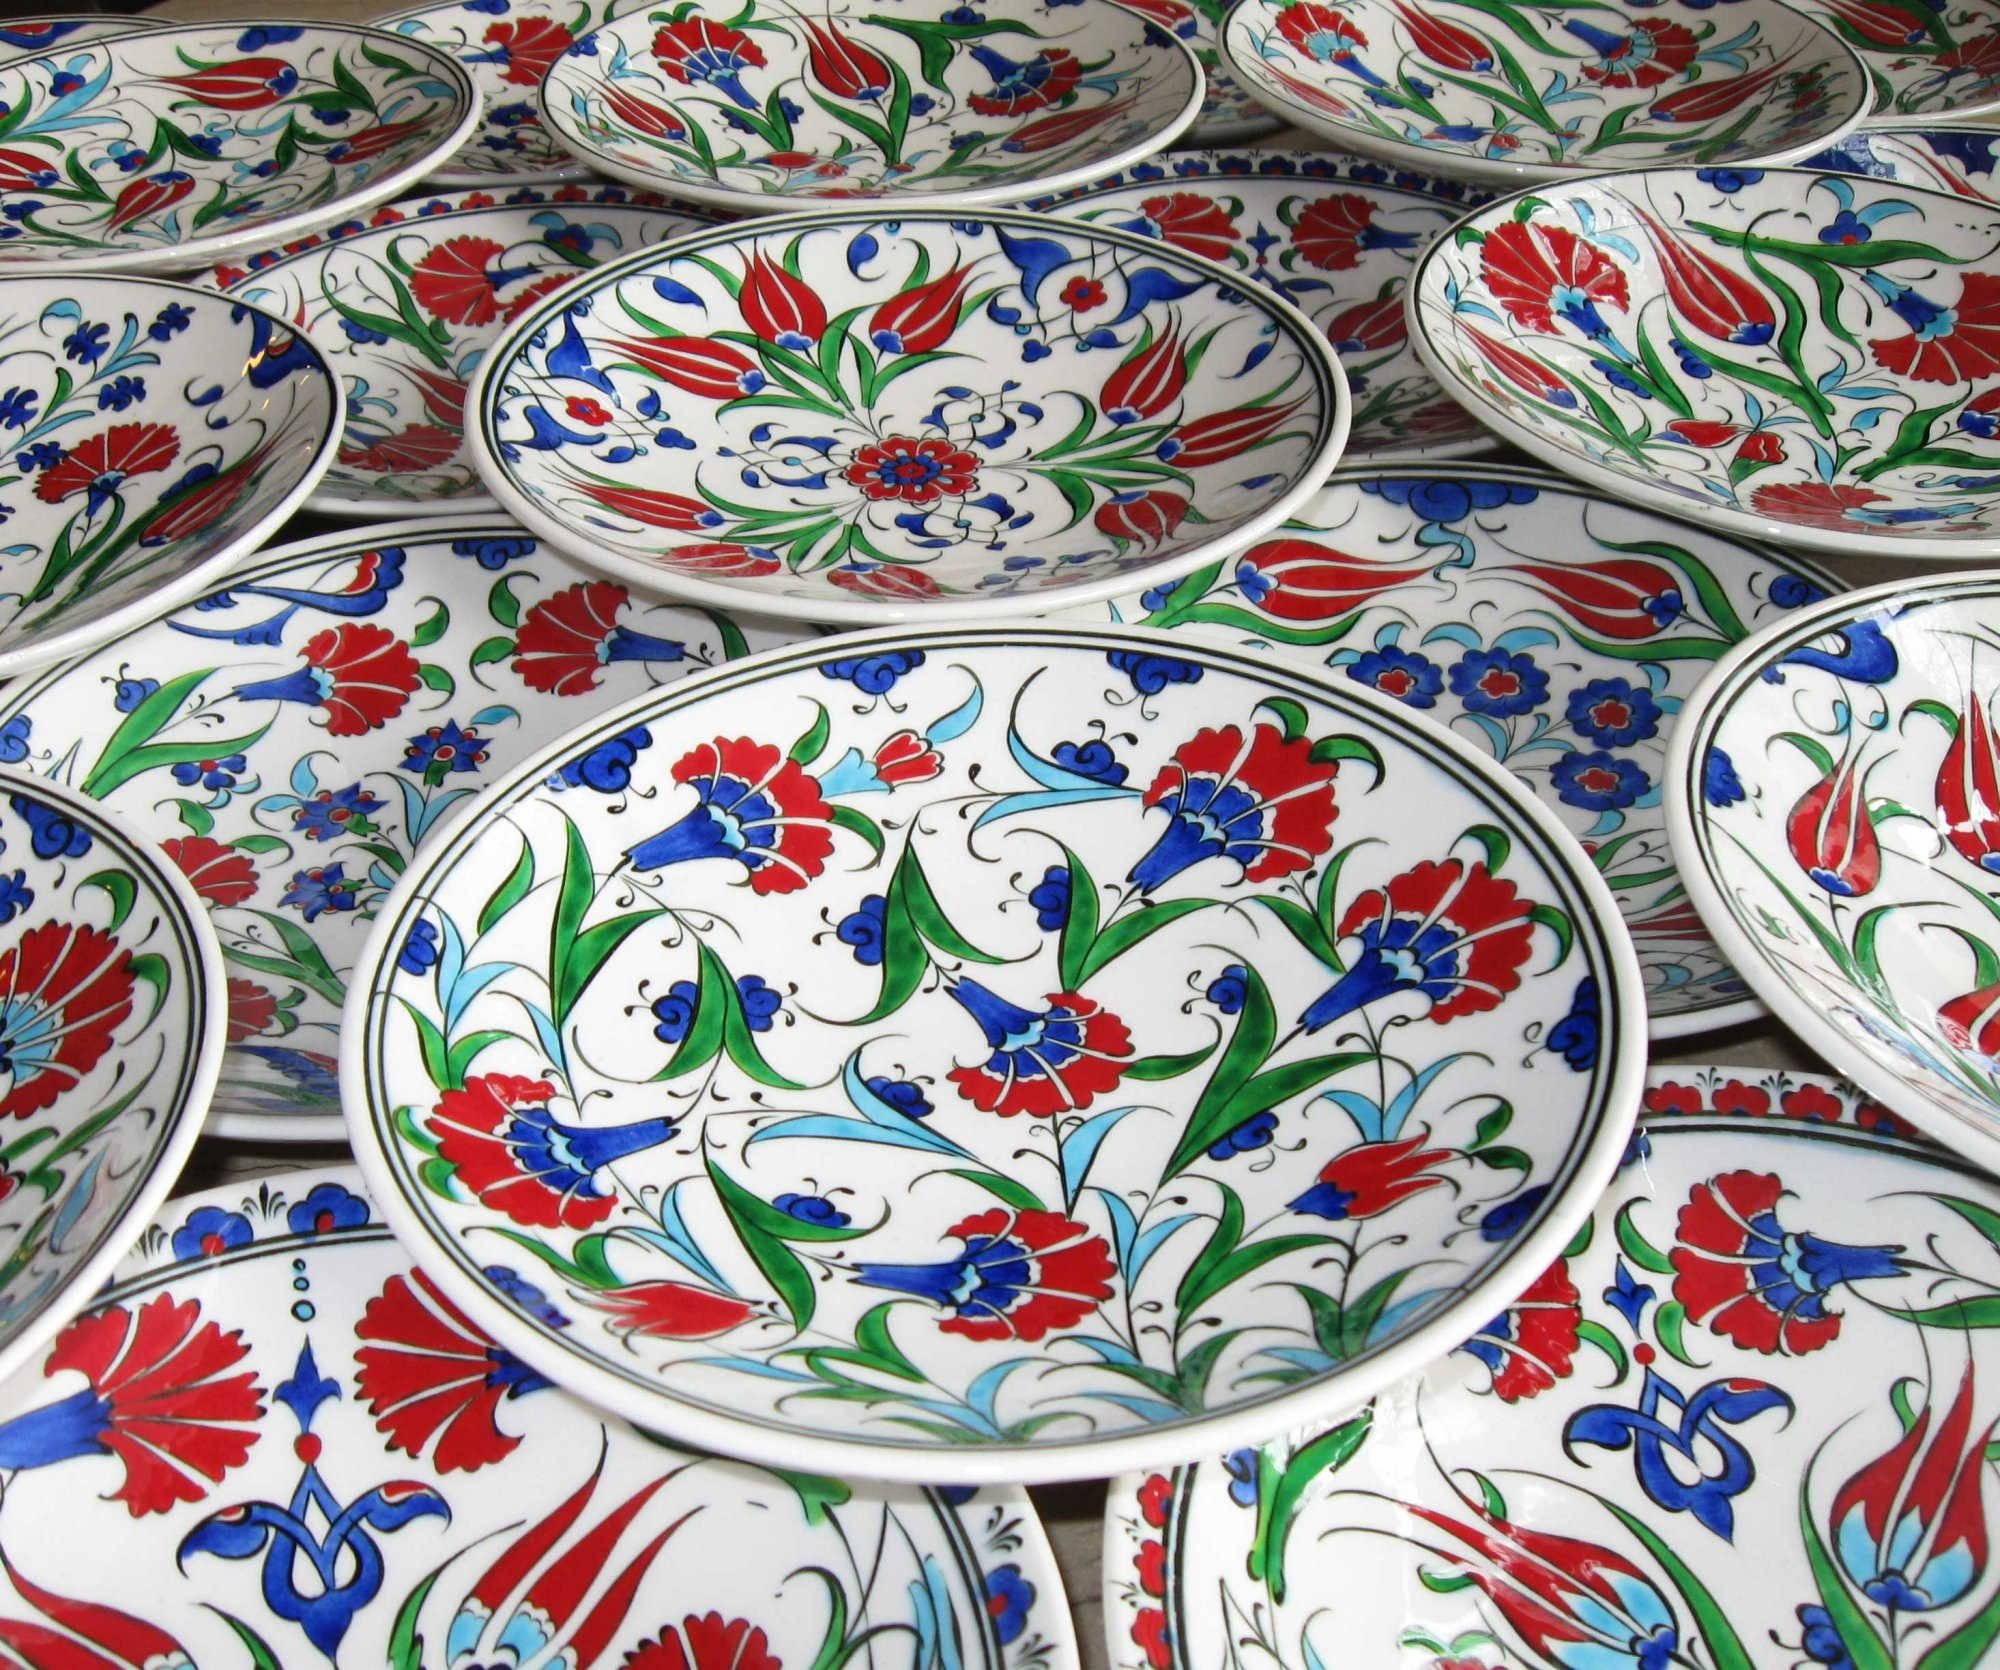 18cm Klasik Çini Tabaklar  Duvara Asmalı Dekoratif Klasik Desen Samur Fırça iznik ve Kütahya çini Tabak El Yapımı Çini Tabak Geleneksel Desenli Çini sanatı örnekleri